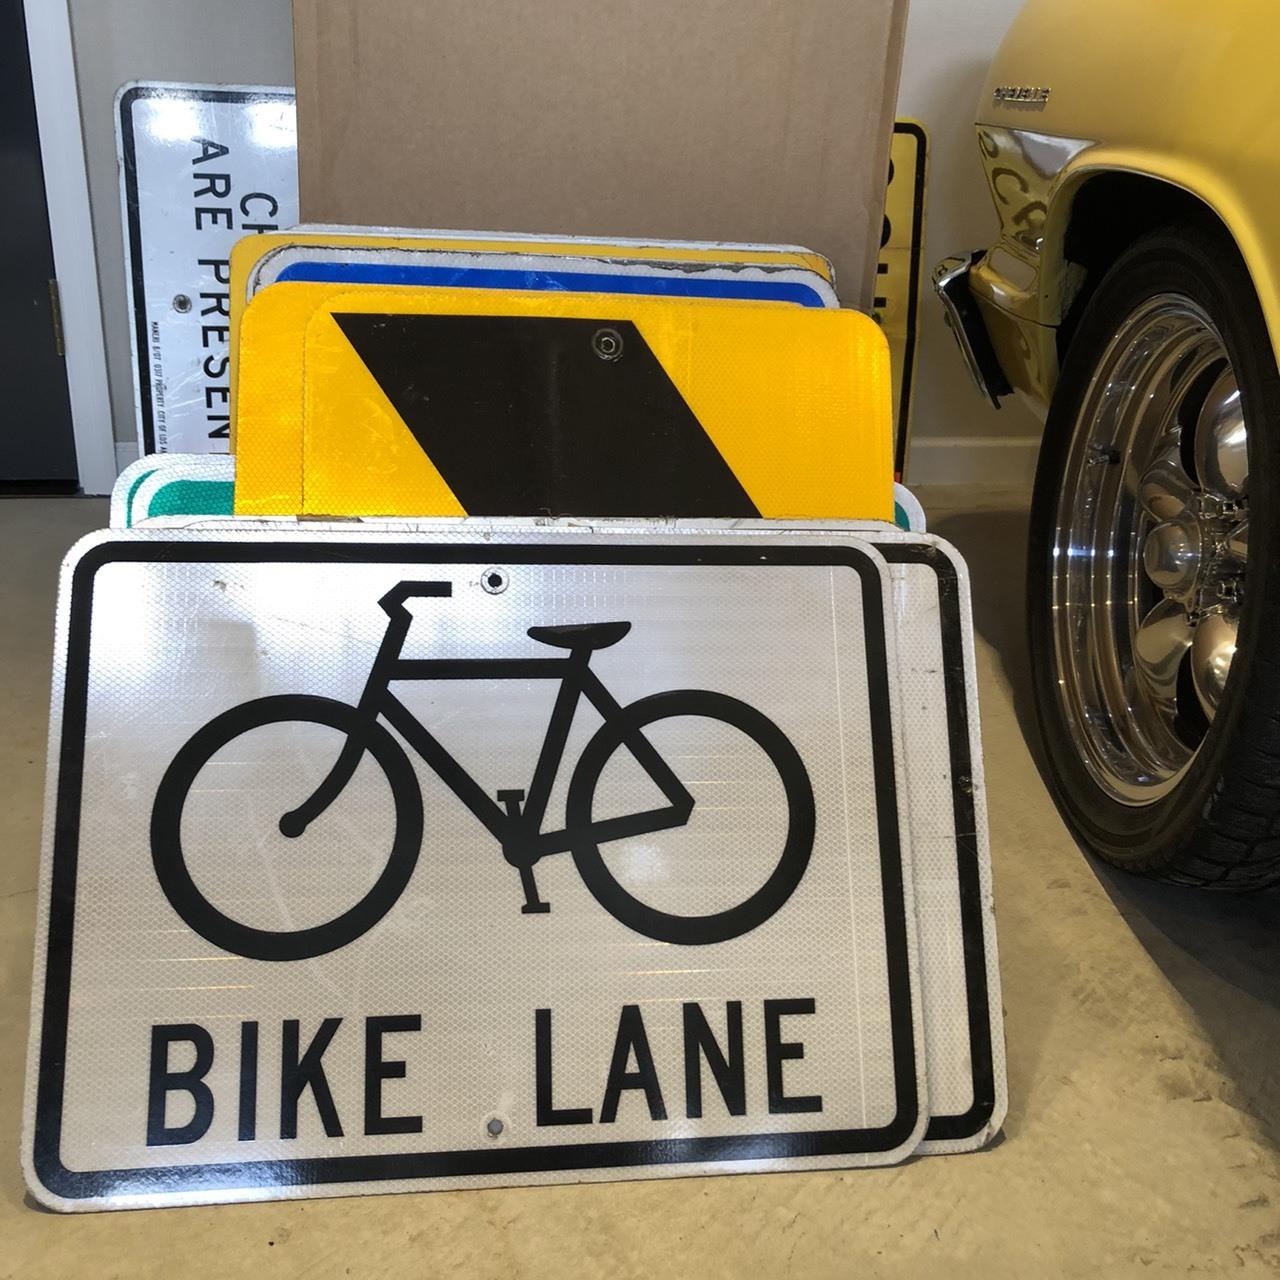 BIKE LANE 3 アメリカンロードサイン トラフィックサイン 道路標識